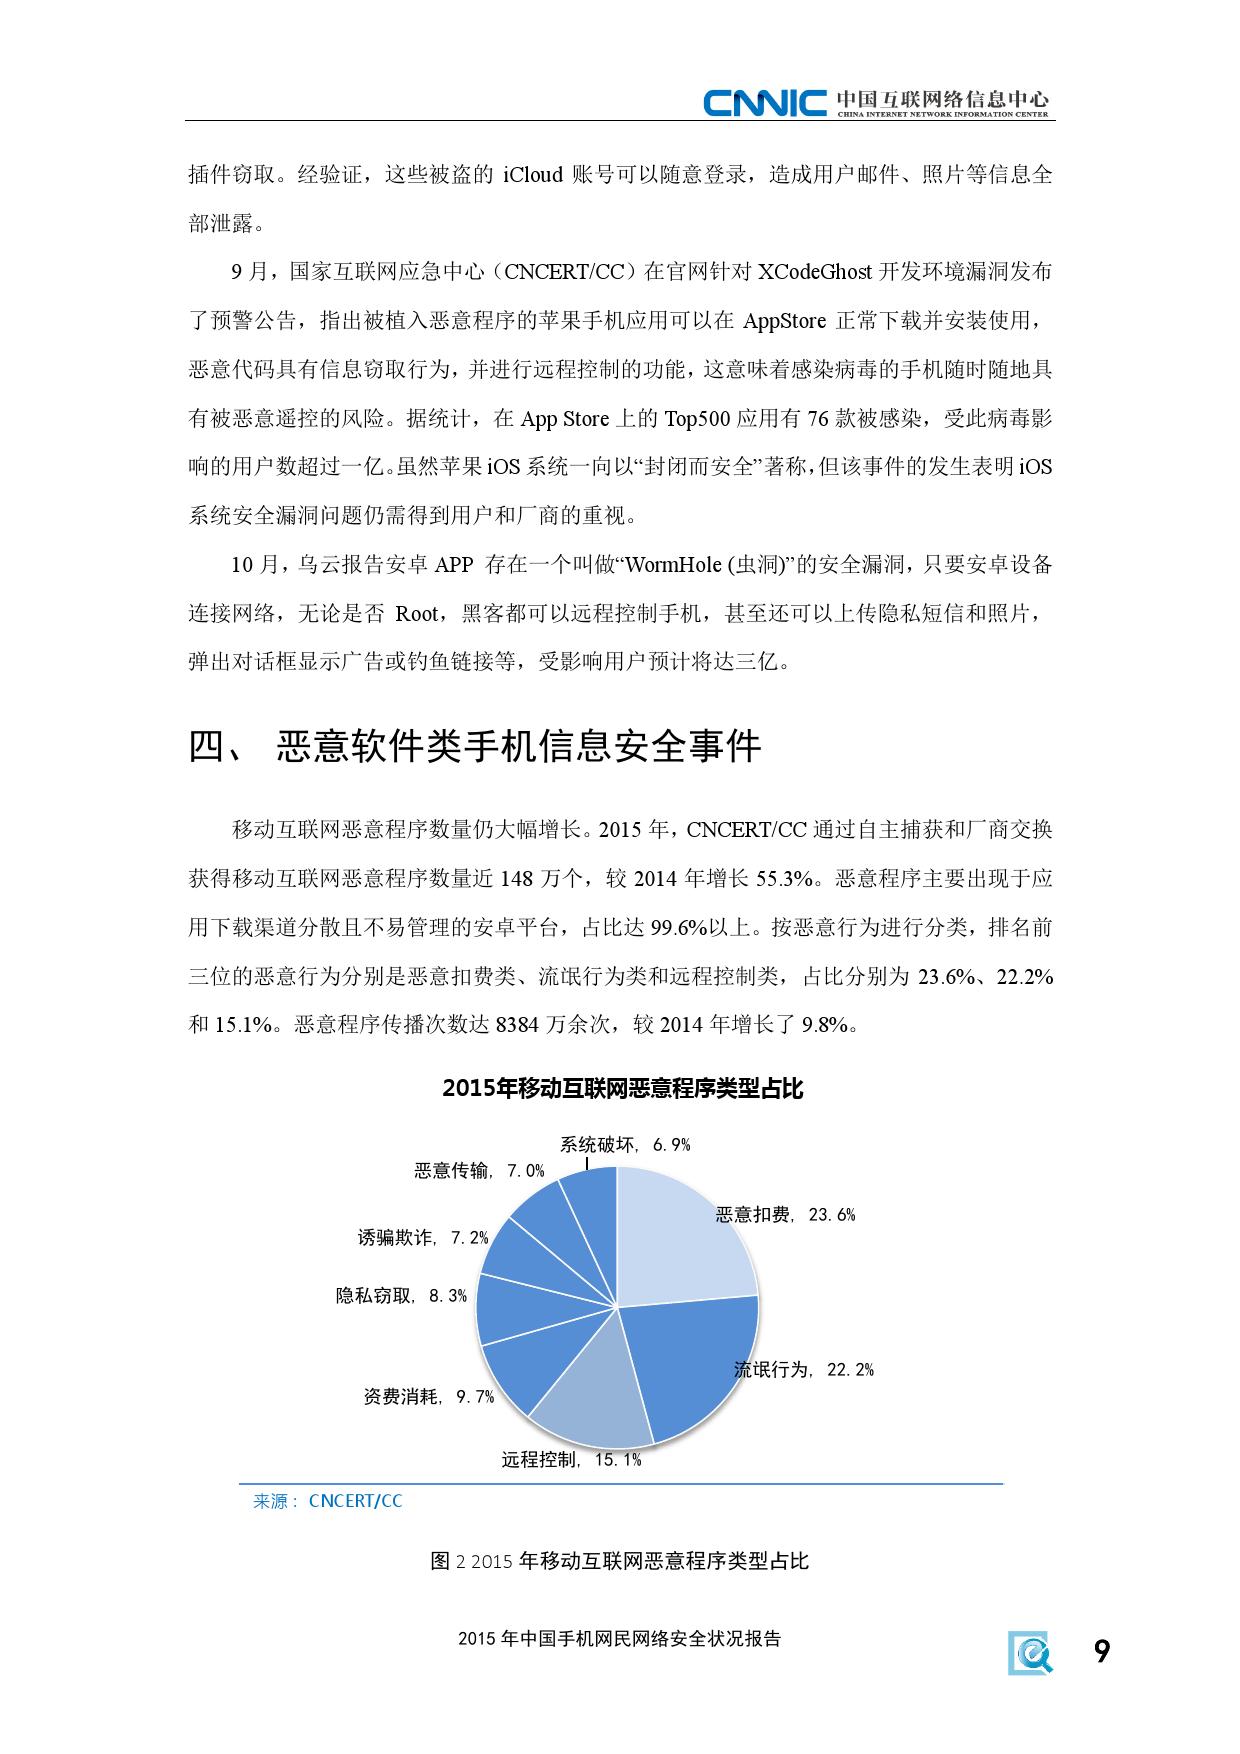 2015年中国手机网民网络安全状况报告_000015